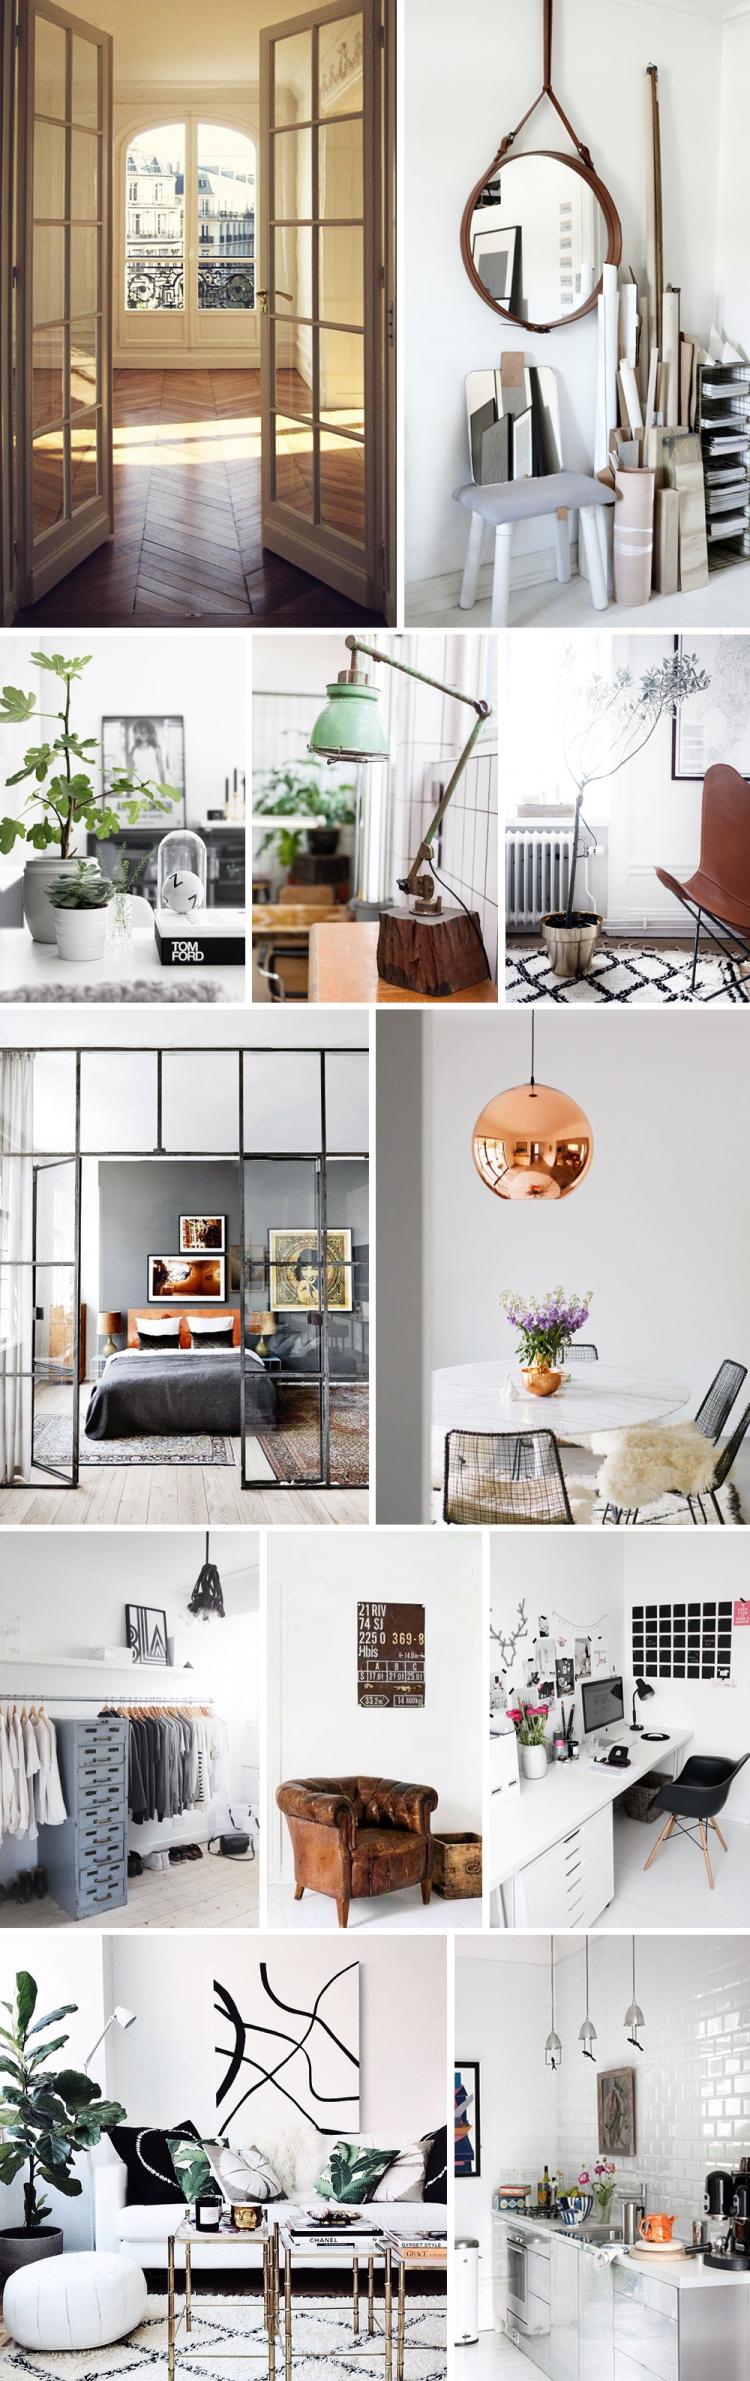 interior design boligindretning mode fashion home inspiartion apartment kbh